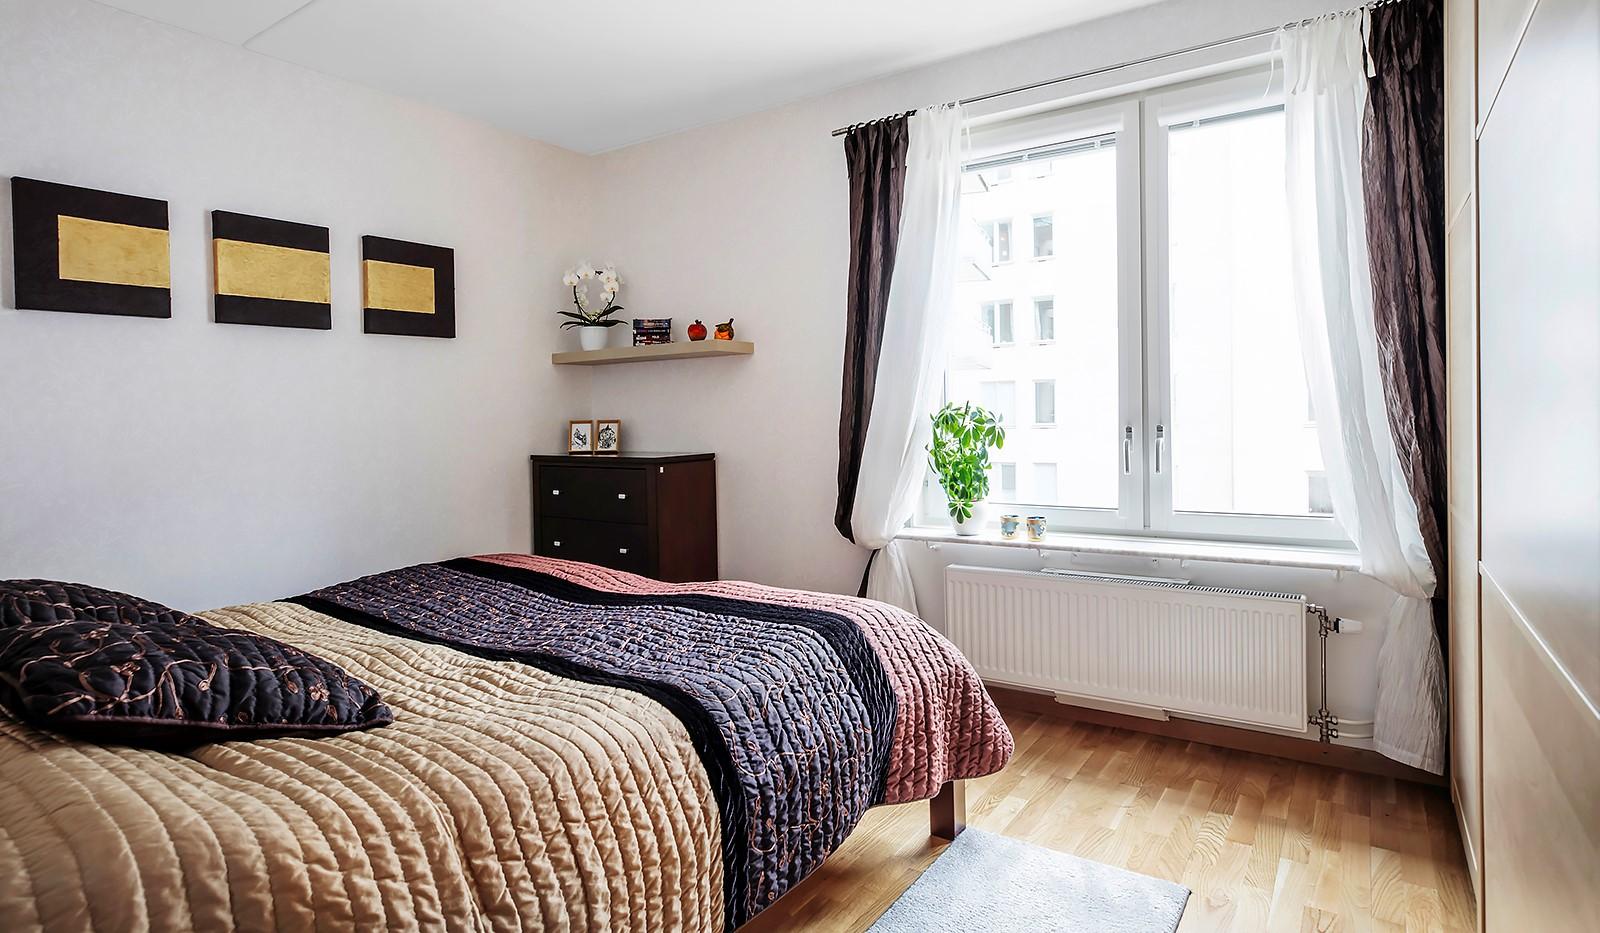 Vingårdsgatan 8, 3tr - Stort rymligt sovrum med fönster mot föreningen mysiga innergård